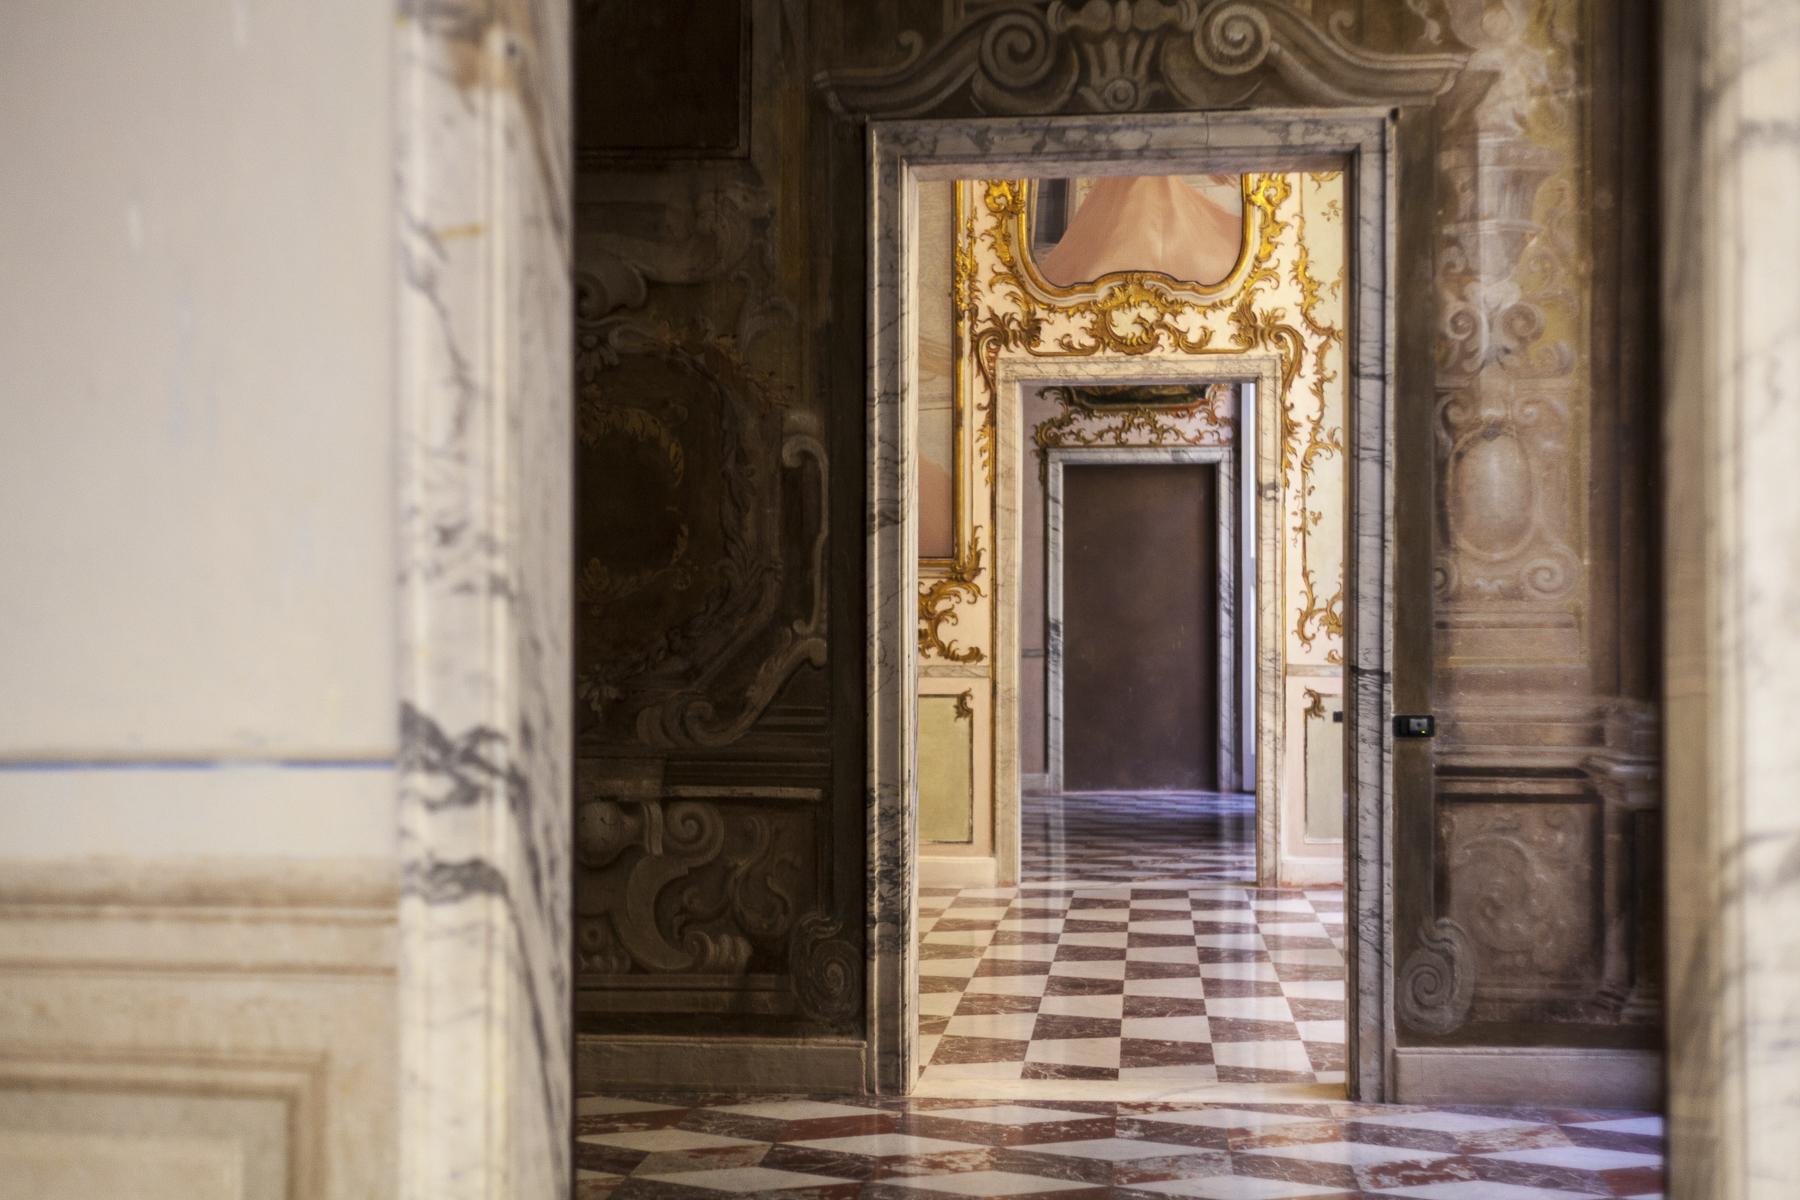 Wohnung für Verkauf beim Highly representative apartment Piazza Ferretto Genoa, Genoa 16123 Italien